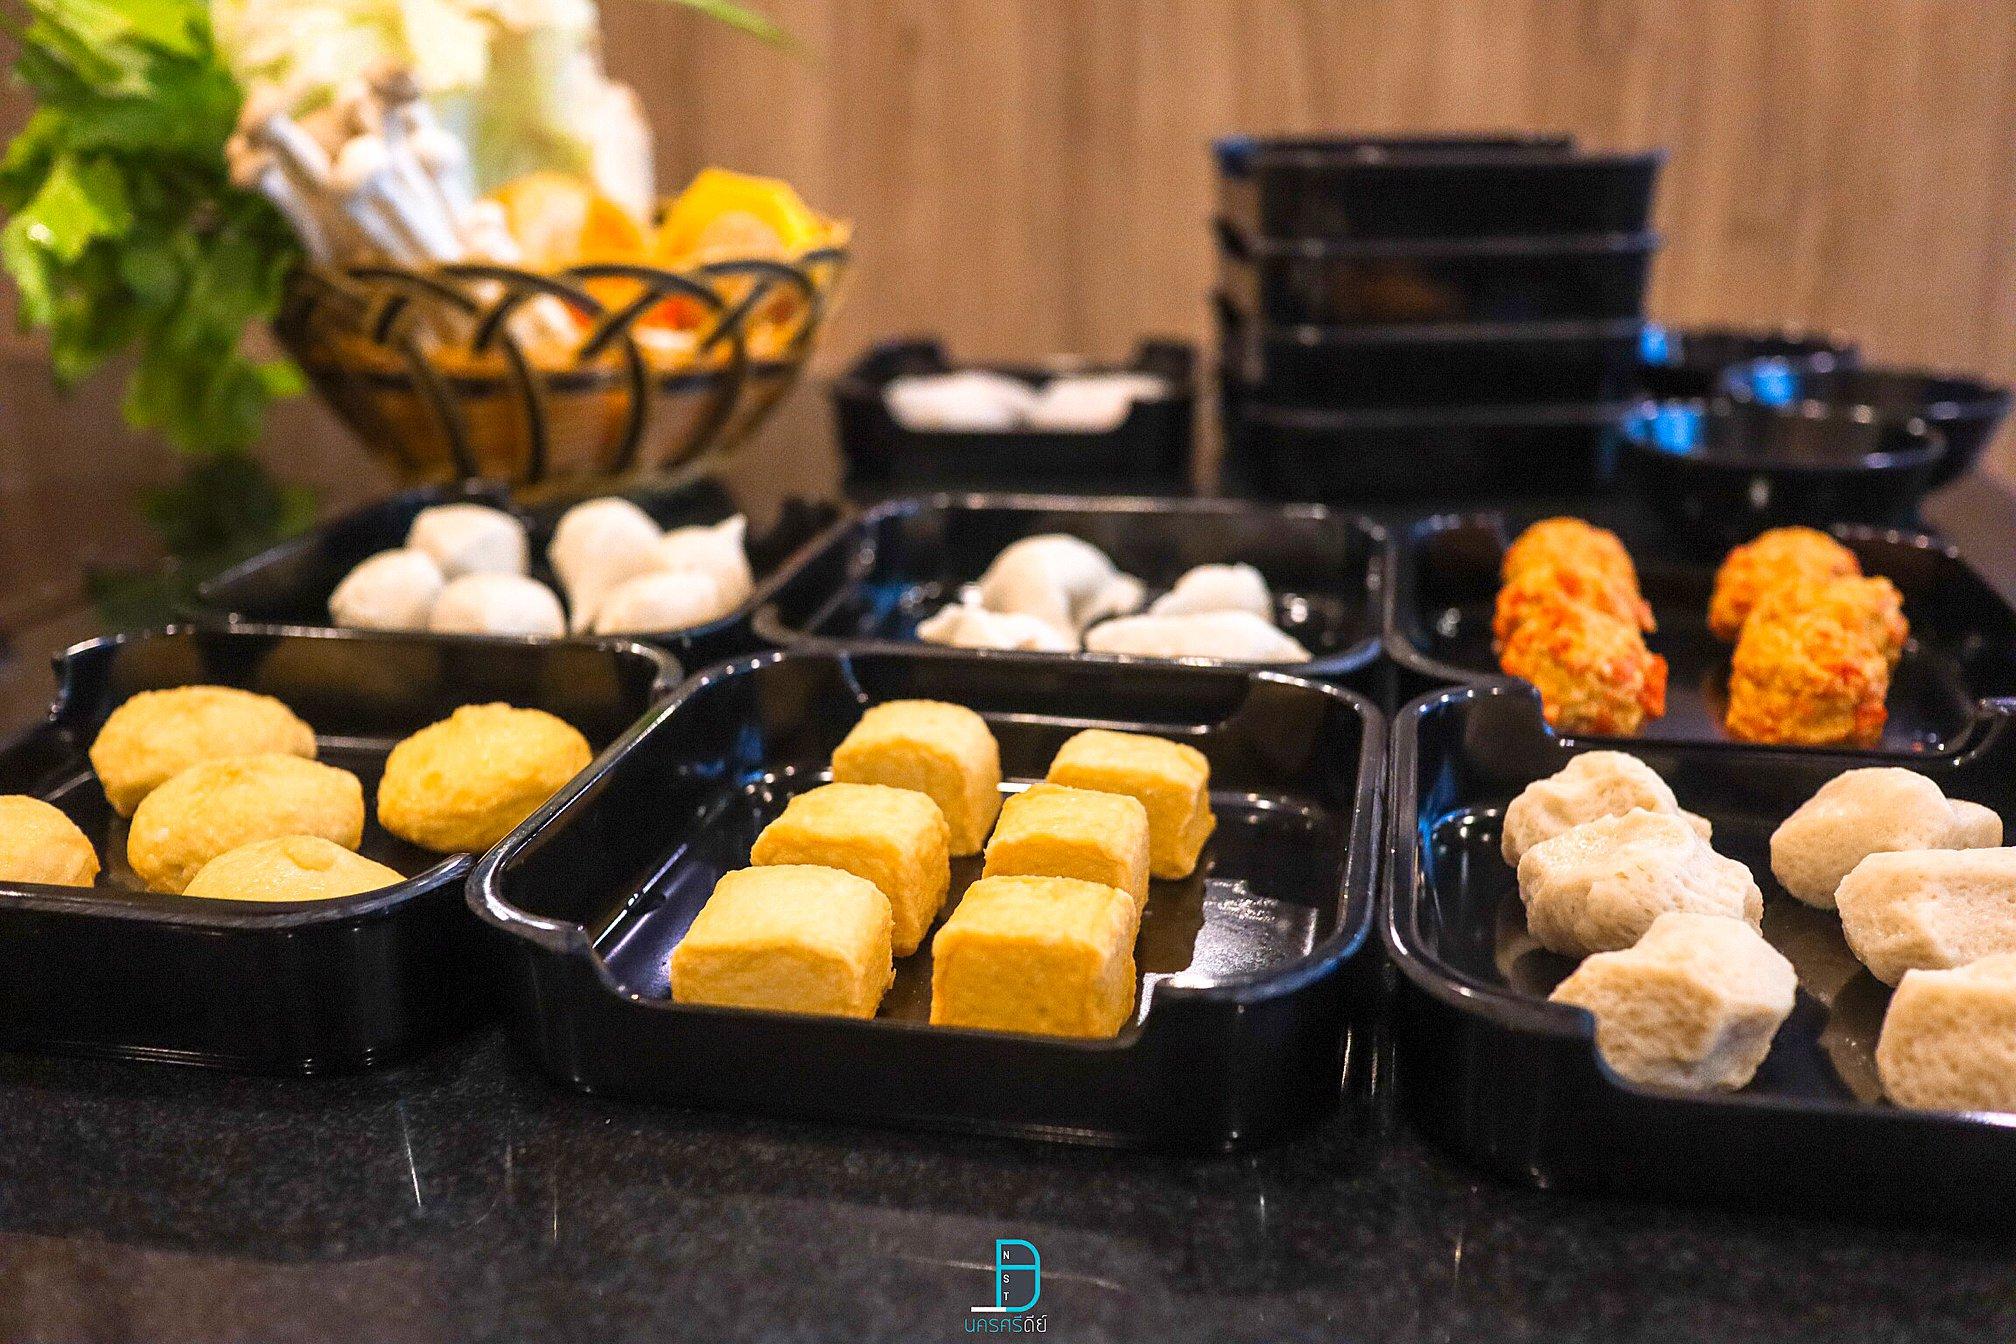 ชาบูชิน,ของกิน,บุฟเฟ่ต์,นครศรีธรรมราช,อำเภอเมือง,239รวมน้ำ,อร่อย